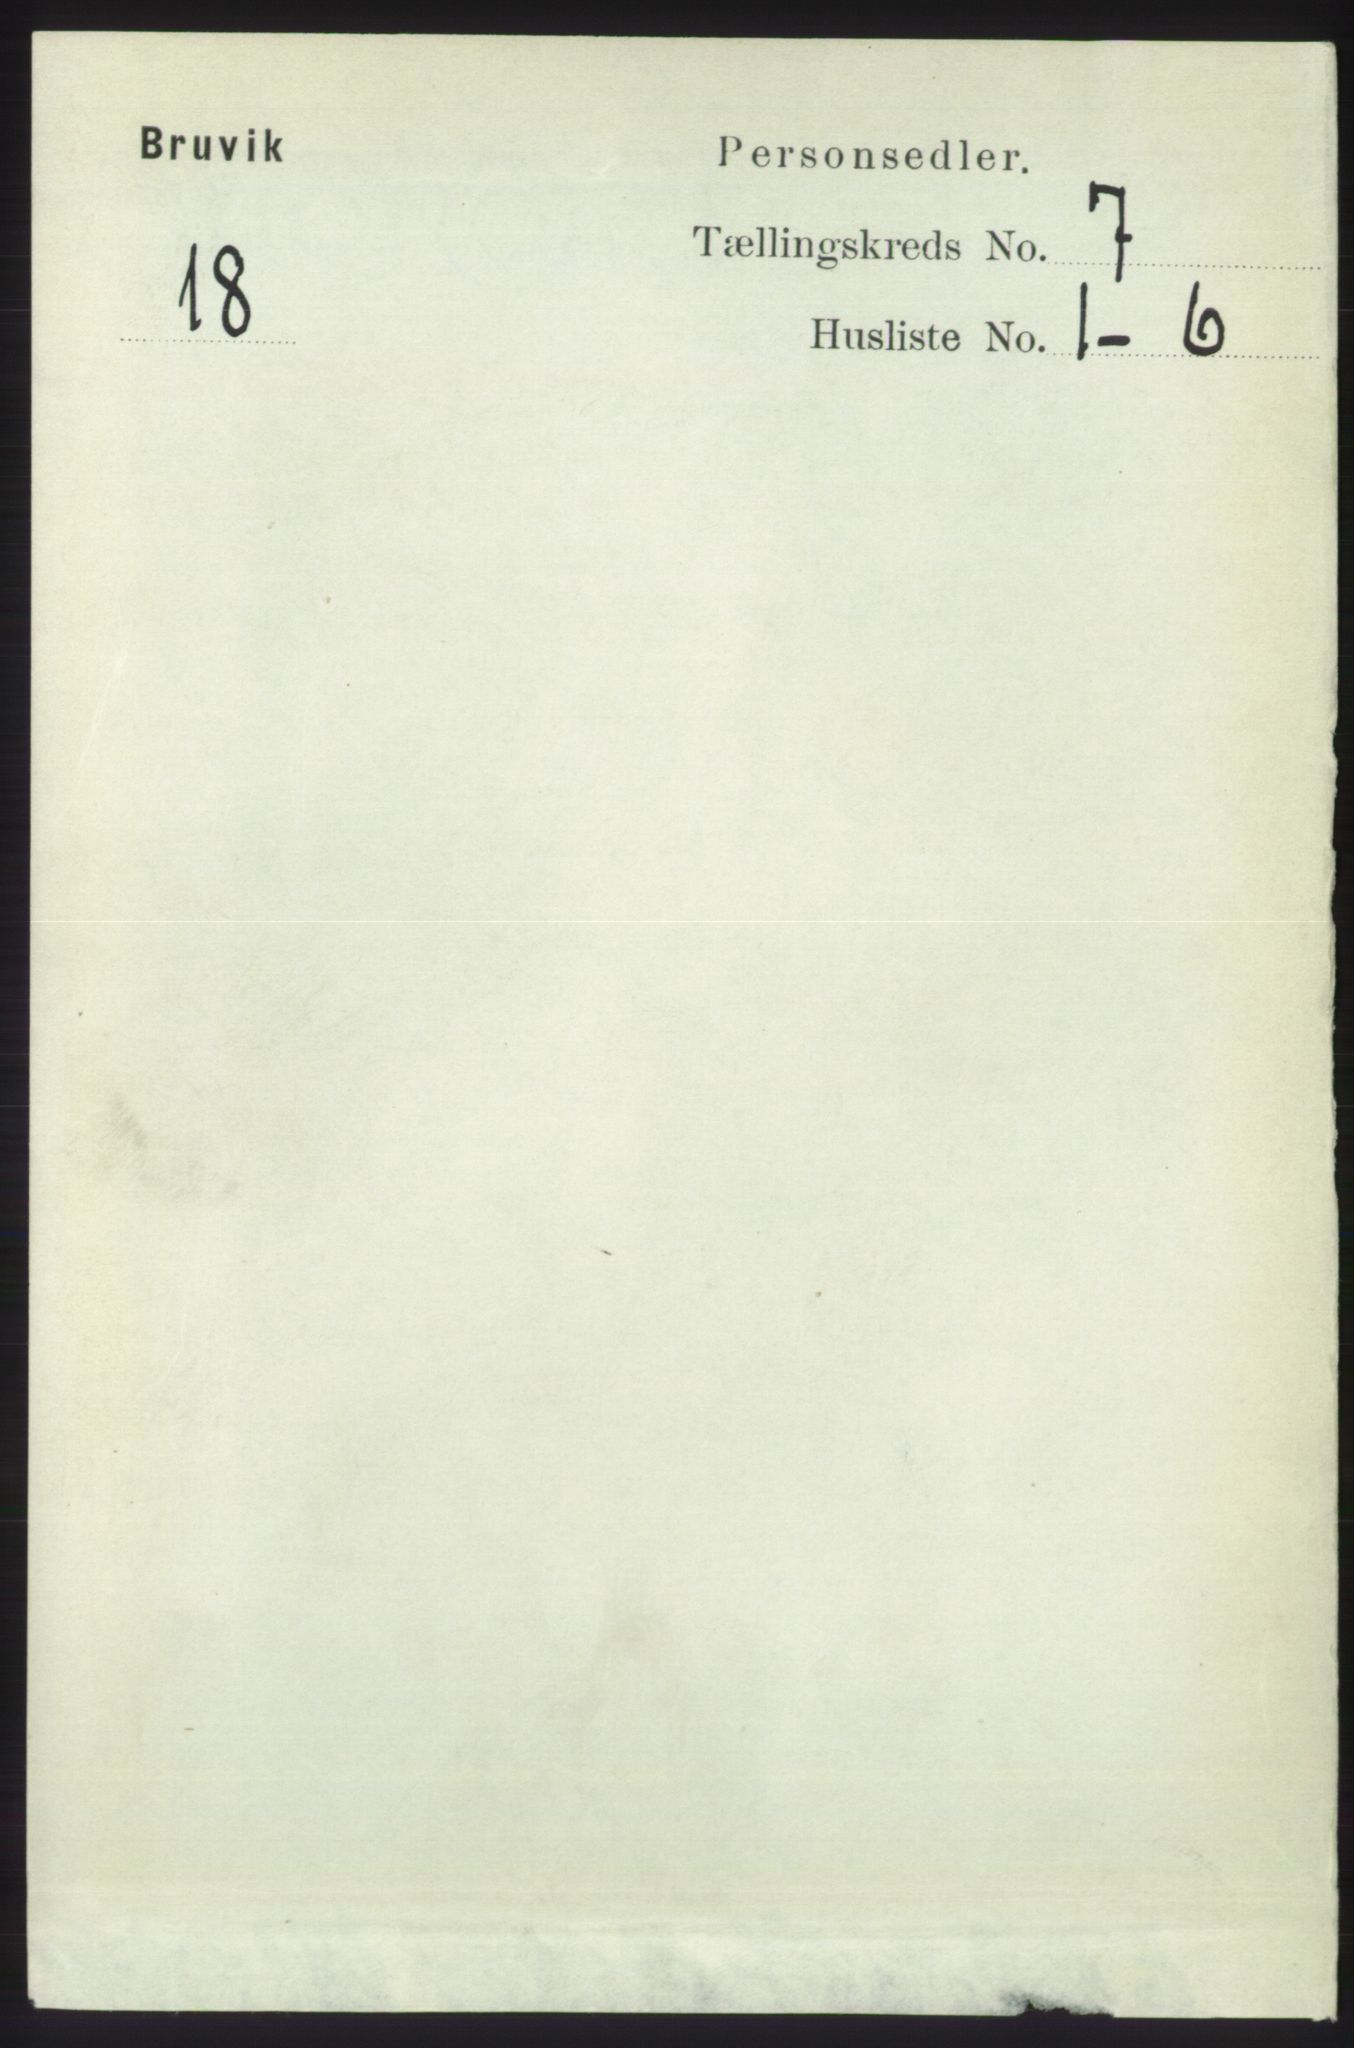 RA, Folketelling 1891 for 1251 Bruvik herred, 1891, s. 2038